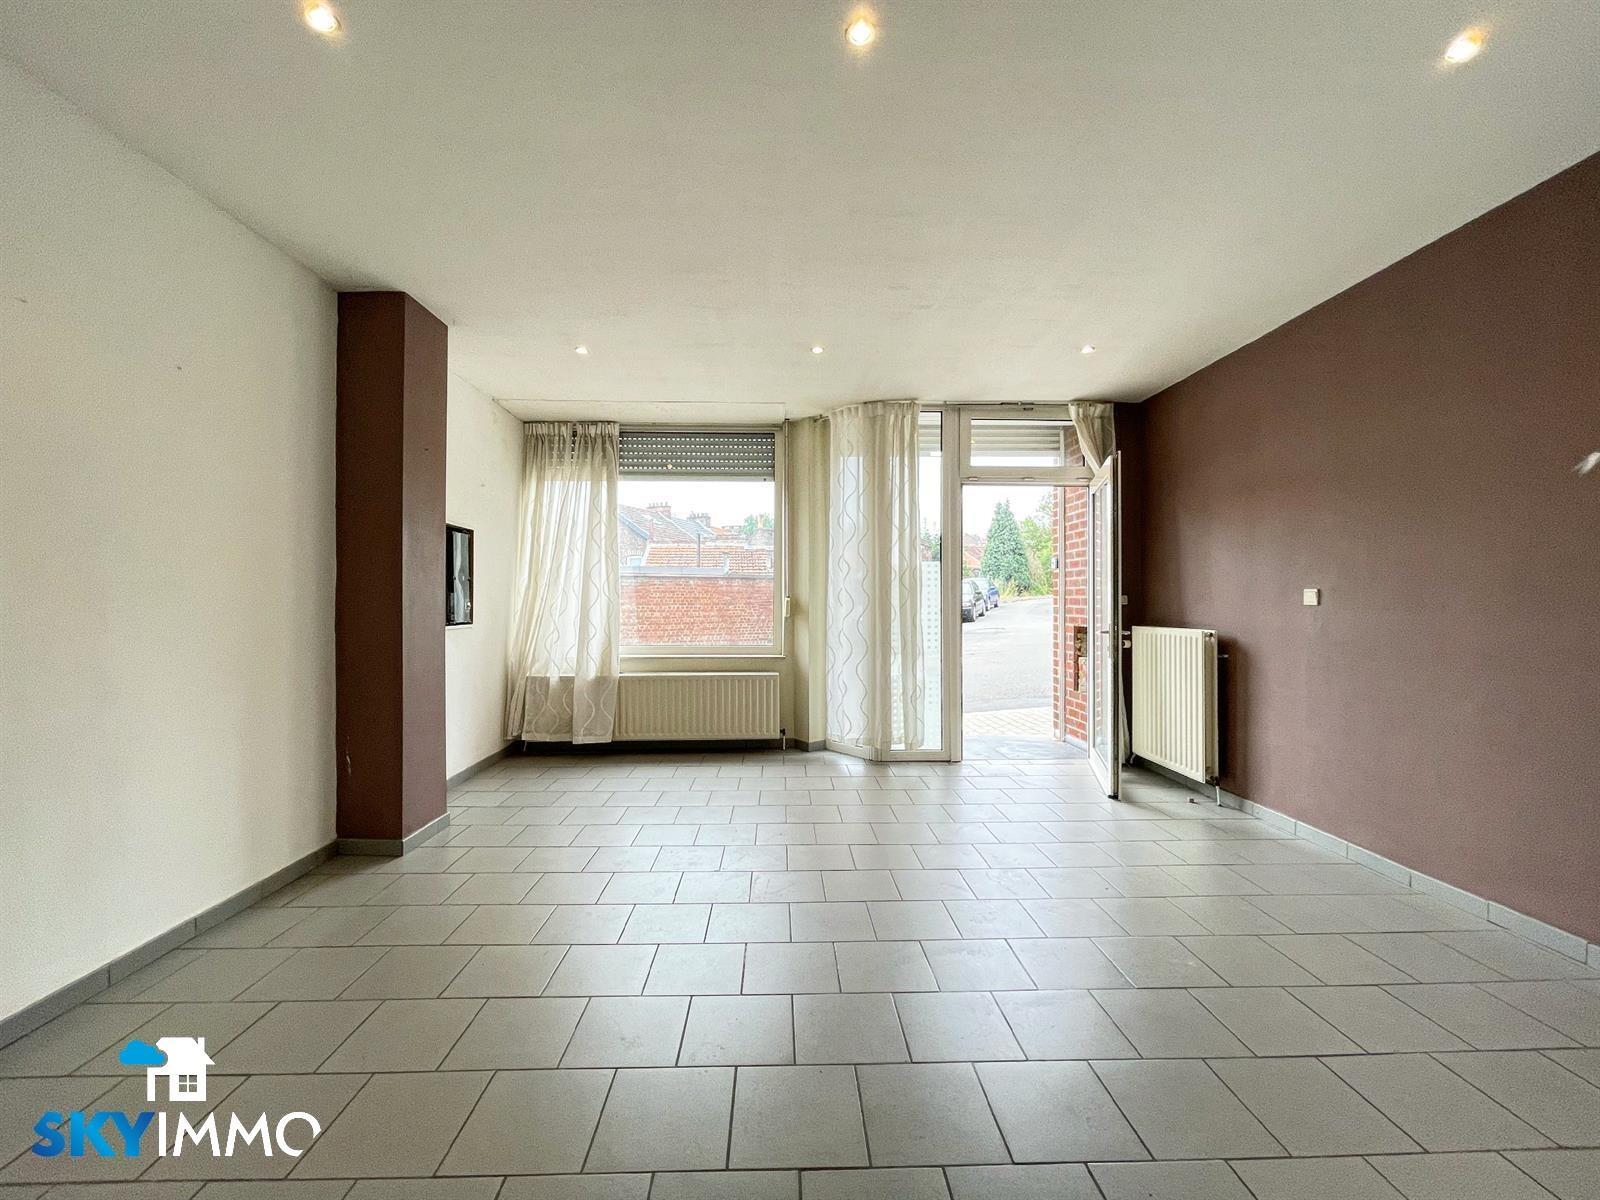 Maison - Seraing - #4399540-3